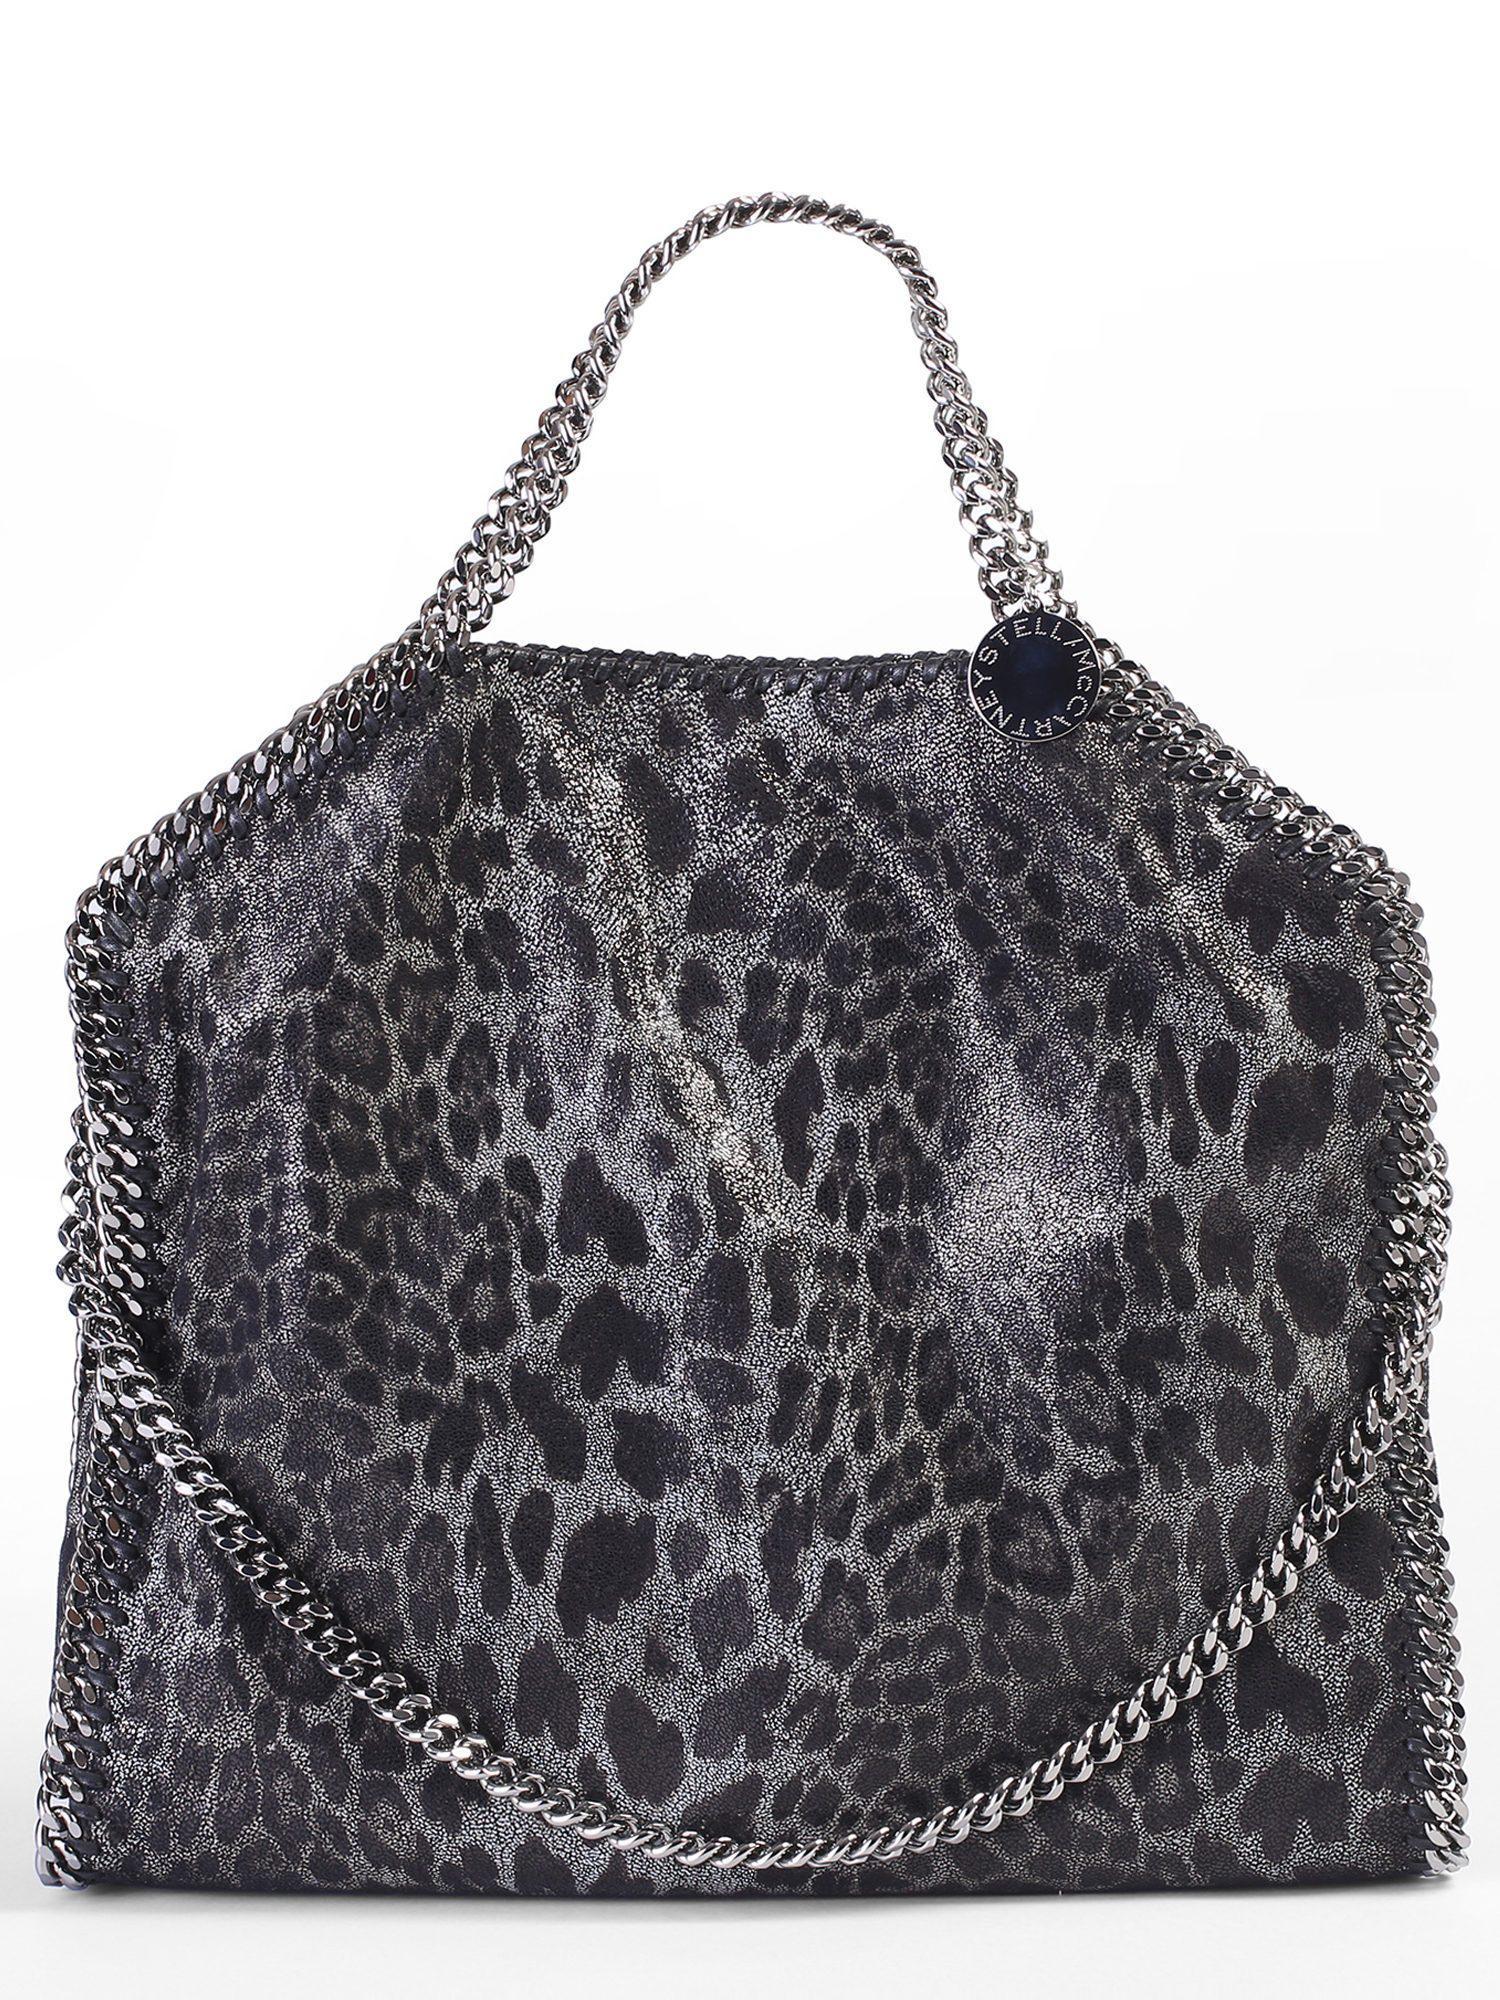 88fc99761efa Lyst - Stella Mccartney Falabella Triple Chain Faux Leather Bag in Black